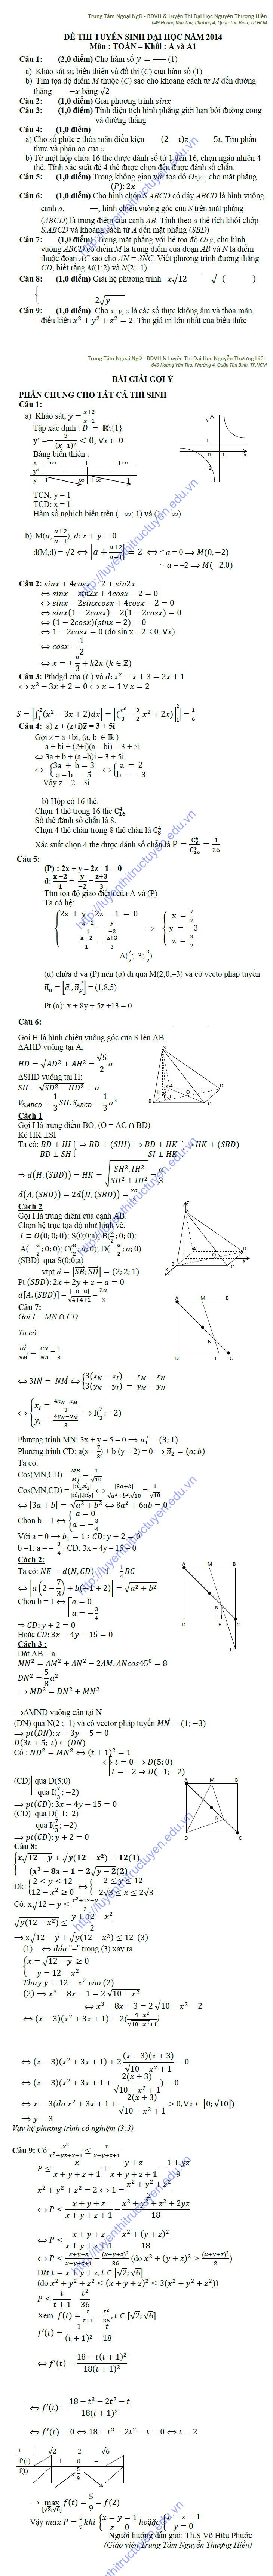 Đáp án đề thi đại học môn toán khối A 2014